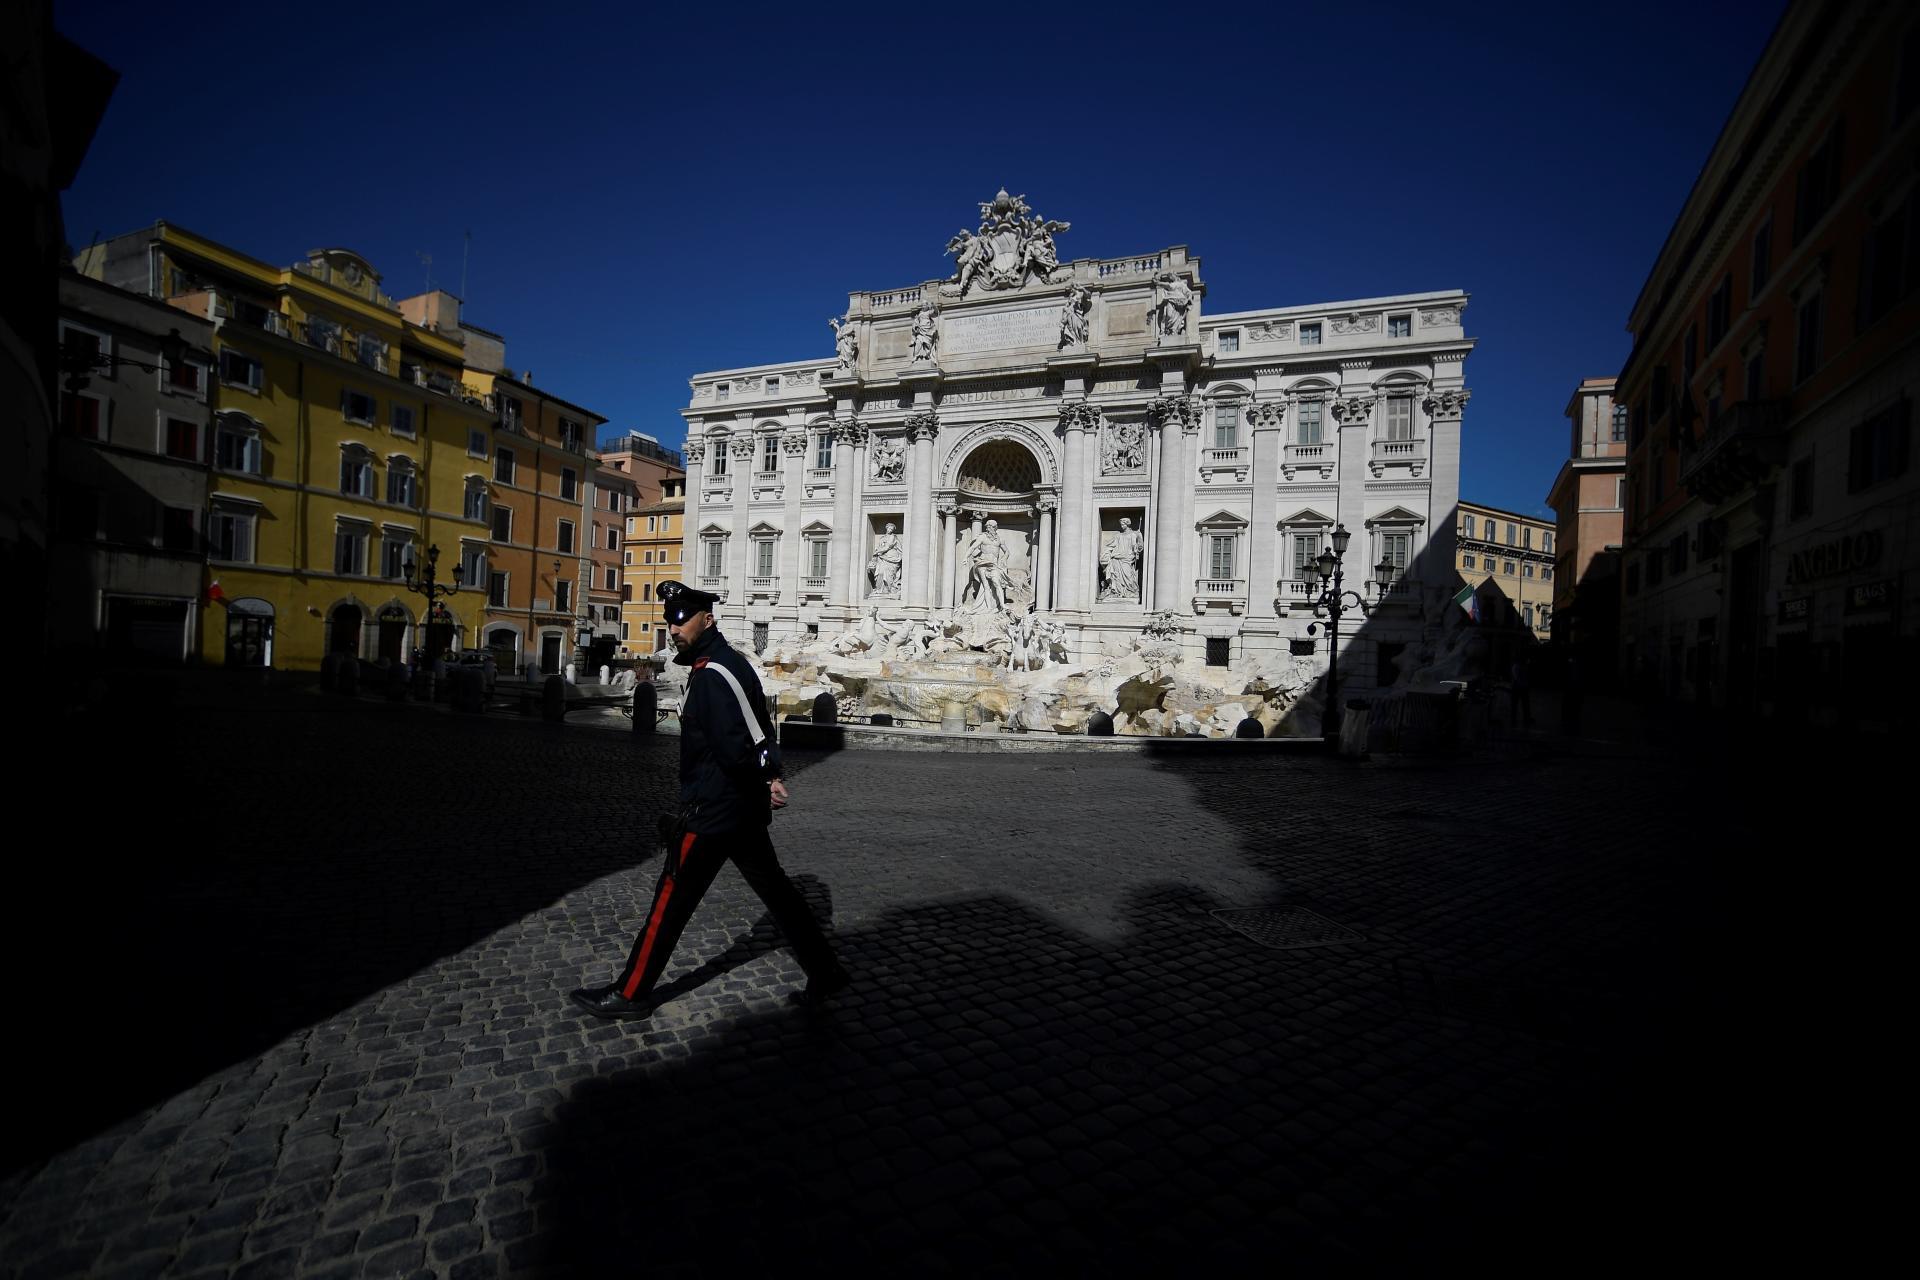 Devant la fontaine Trevi à Rome, le 16 mars.